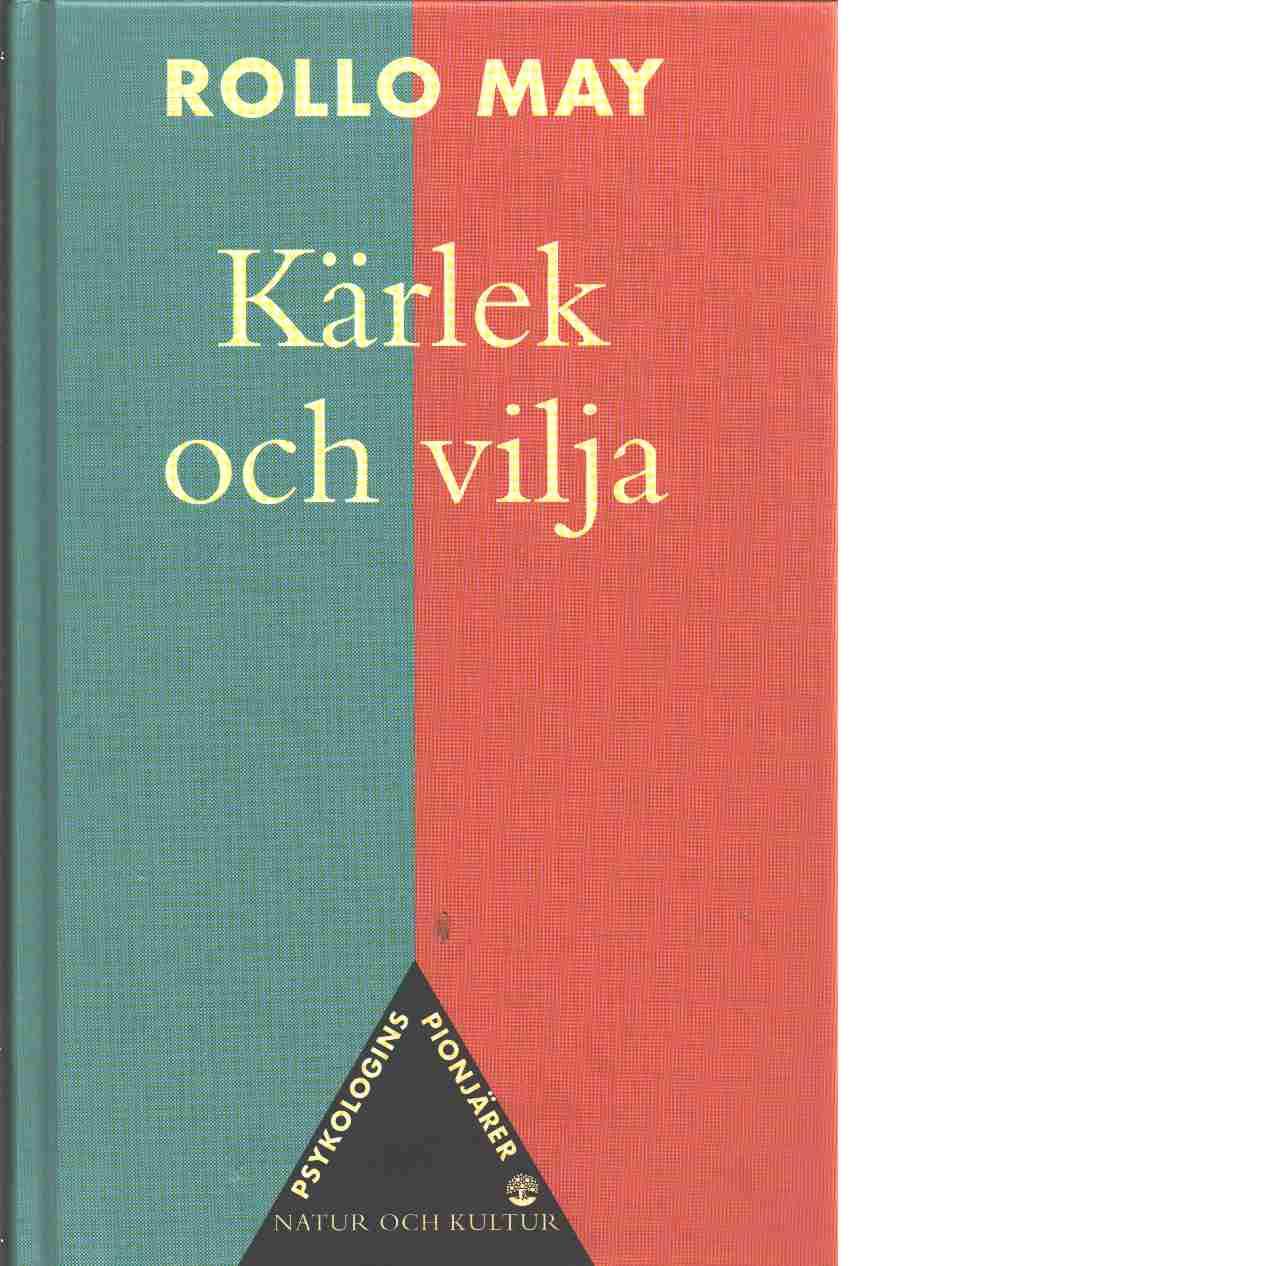 Kärlek och vilja - May Rollo